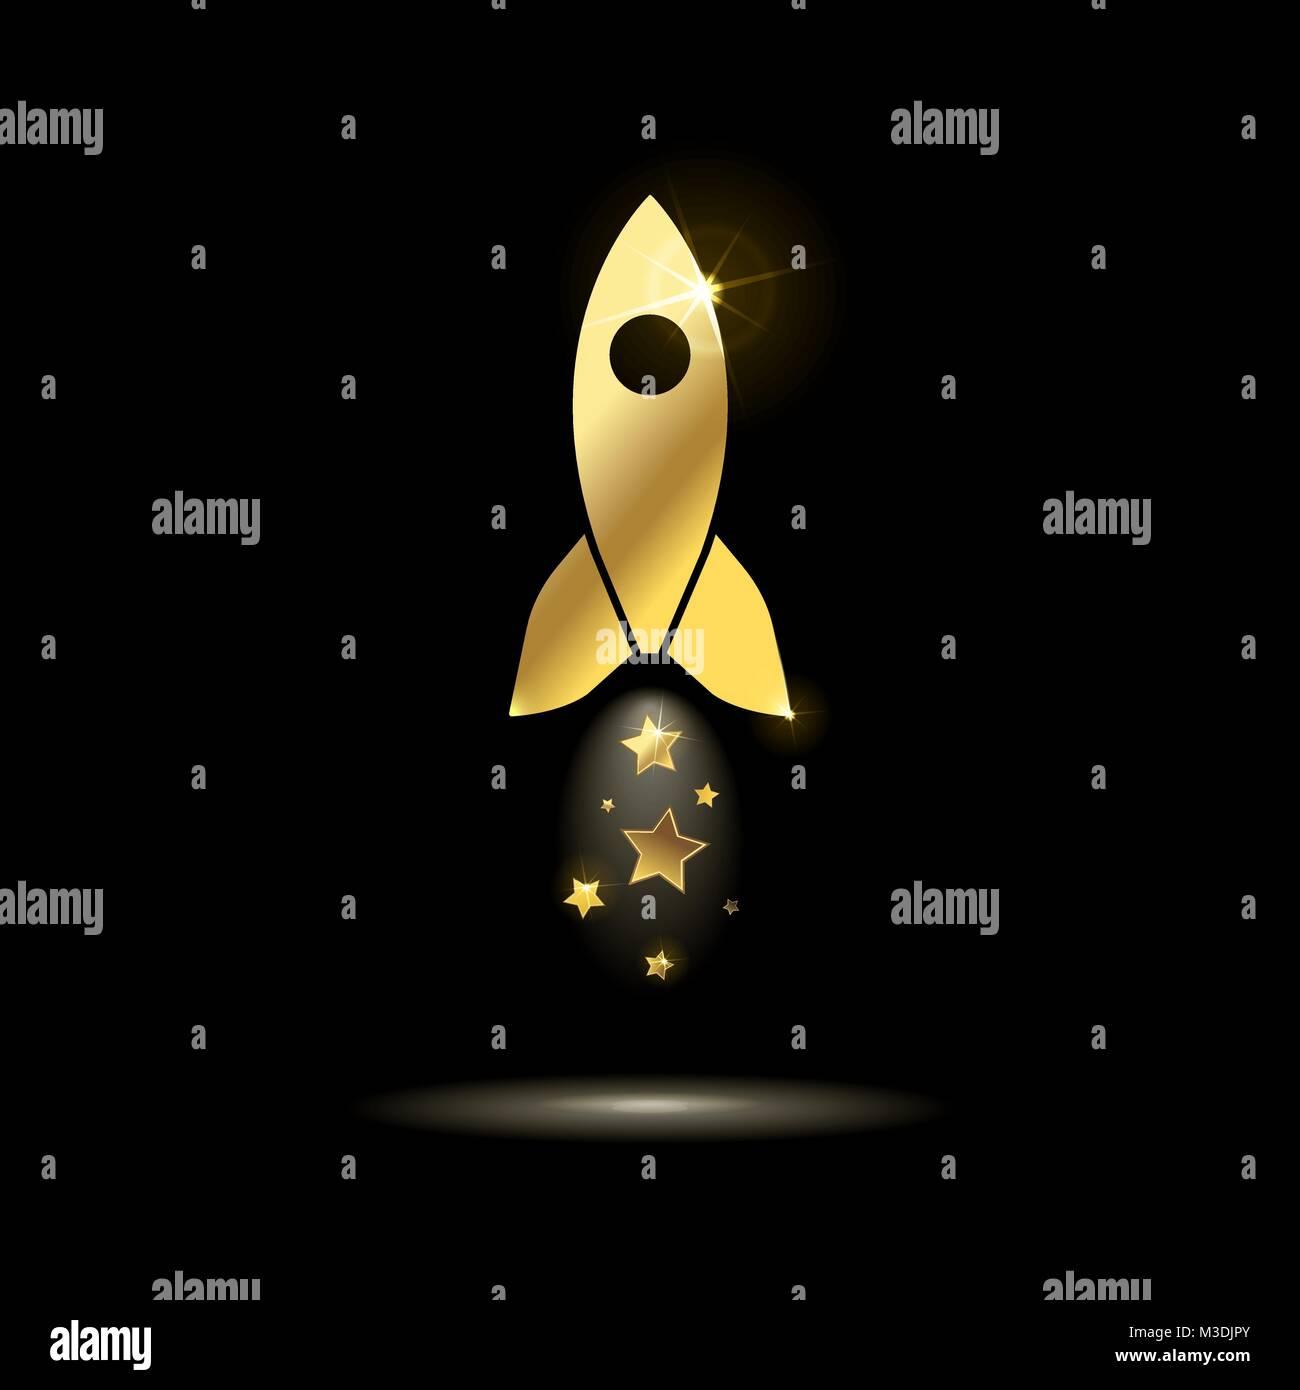 Symbol golden Weltraumrakete mit Sterne auf schwarzem Hintergrund Stockbild